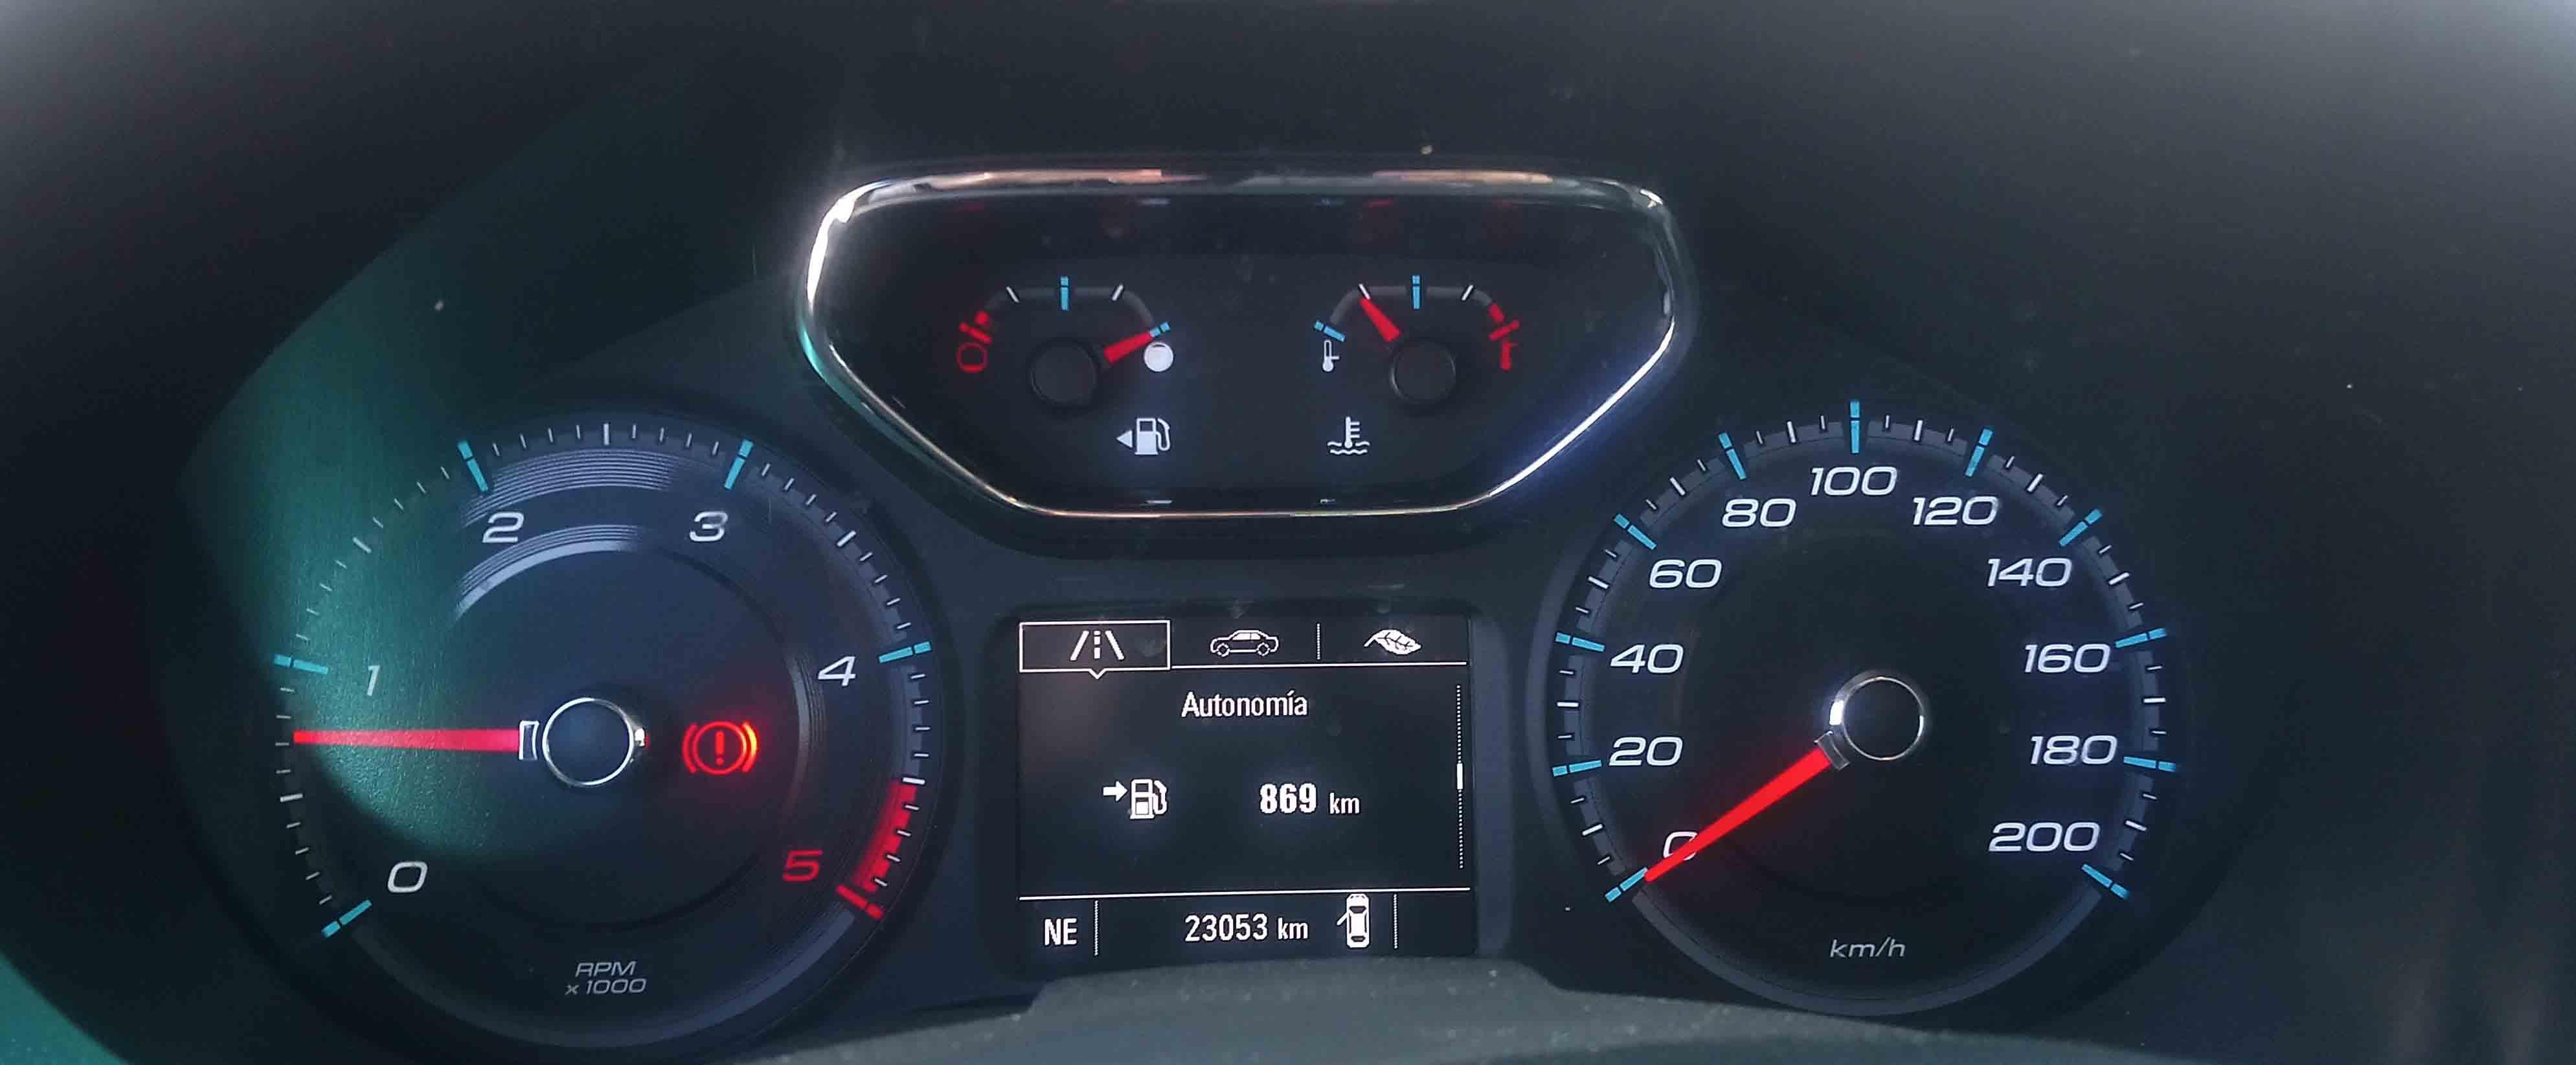 2018 Chevrolet S10 HC 4x4 M/T 2.8L